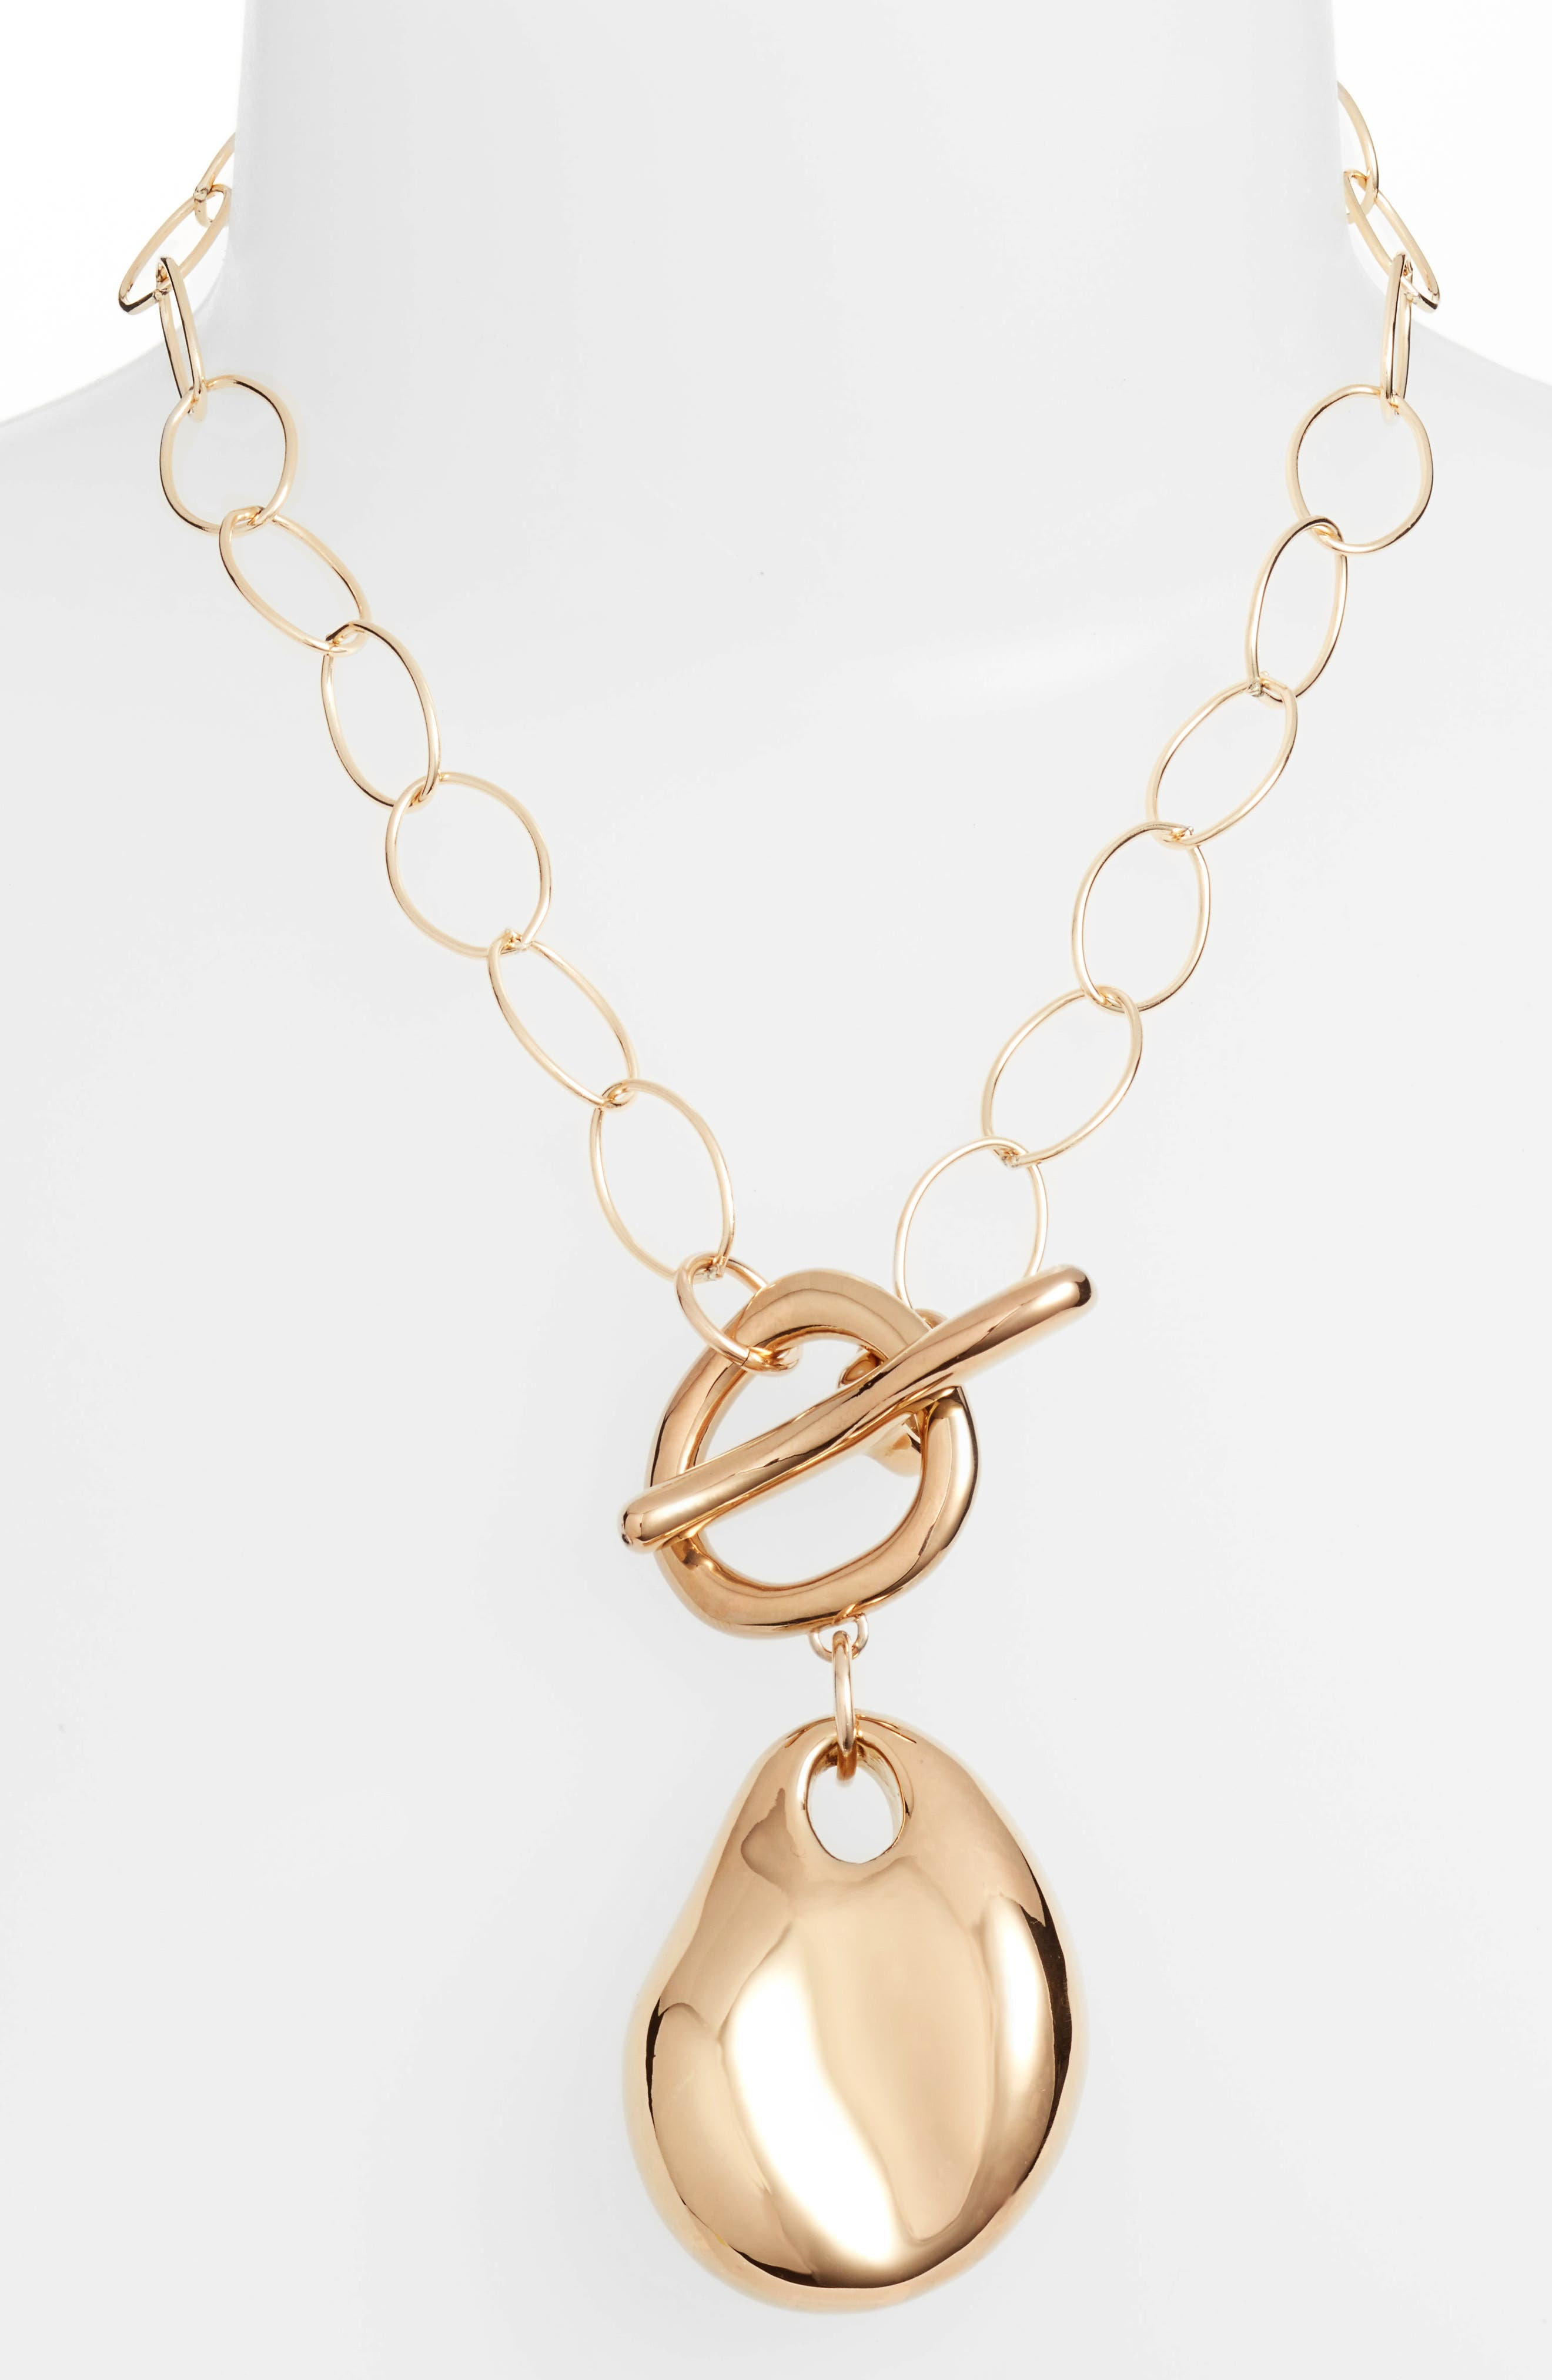 Simon Sebbag Vermeil Abstract Pendant Necklace